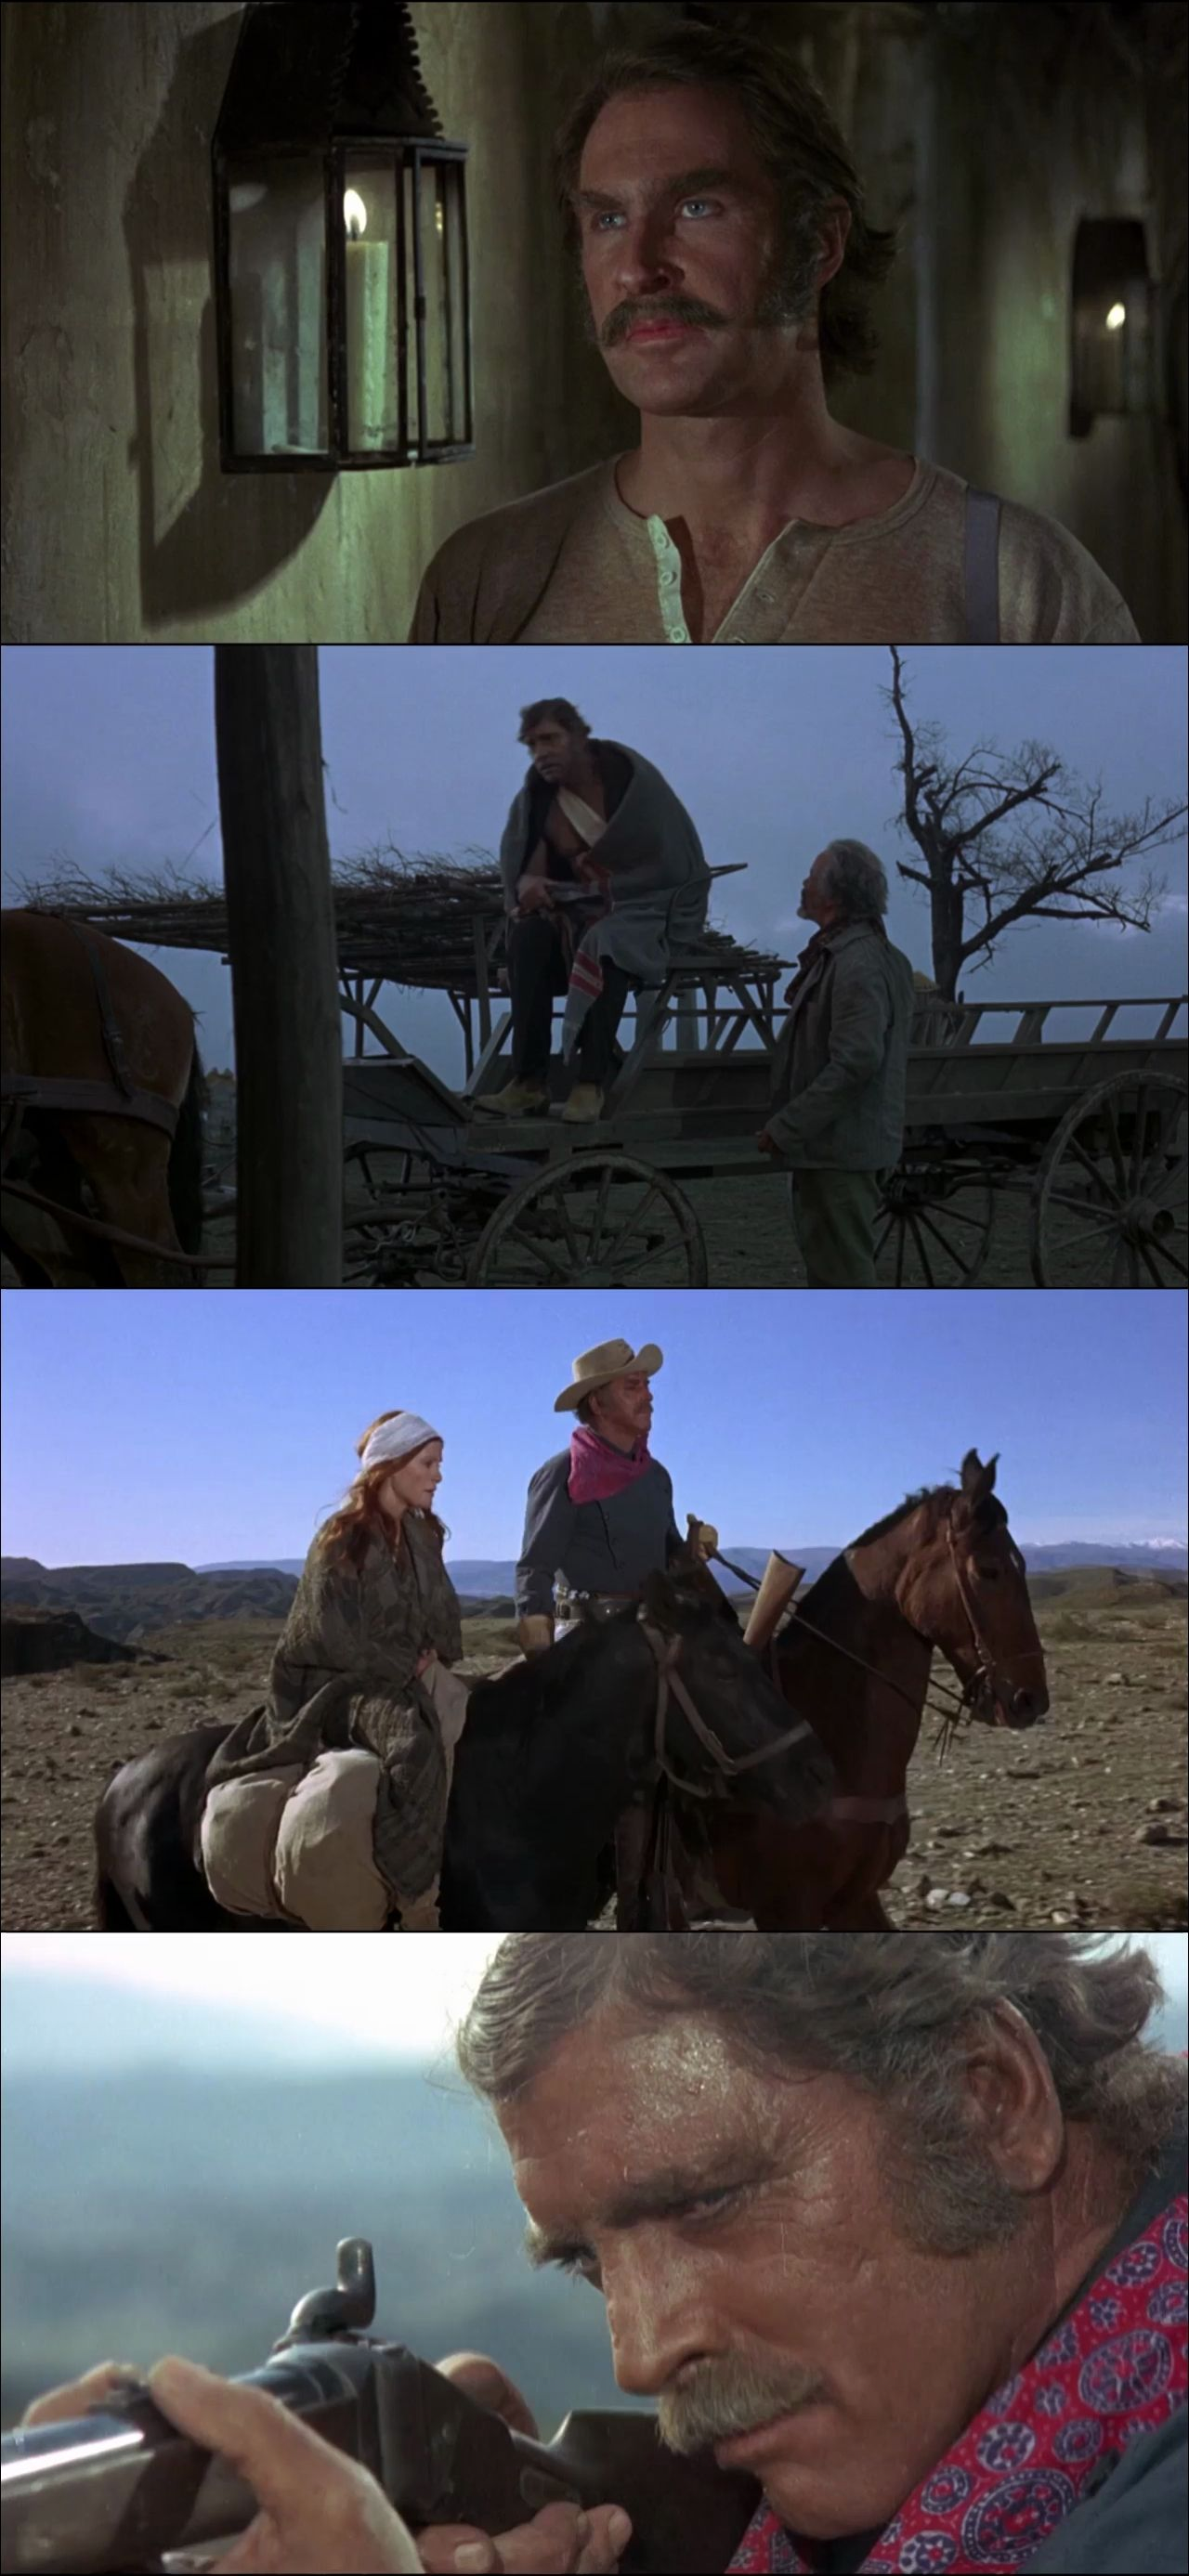 Valdez geliyor - Valdez Is Coming (1971) türkçe dublaj western filmi indir